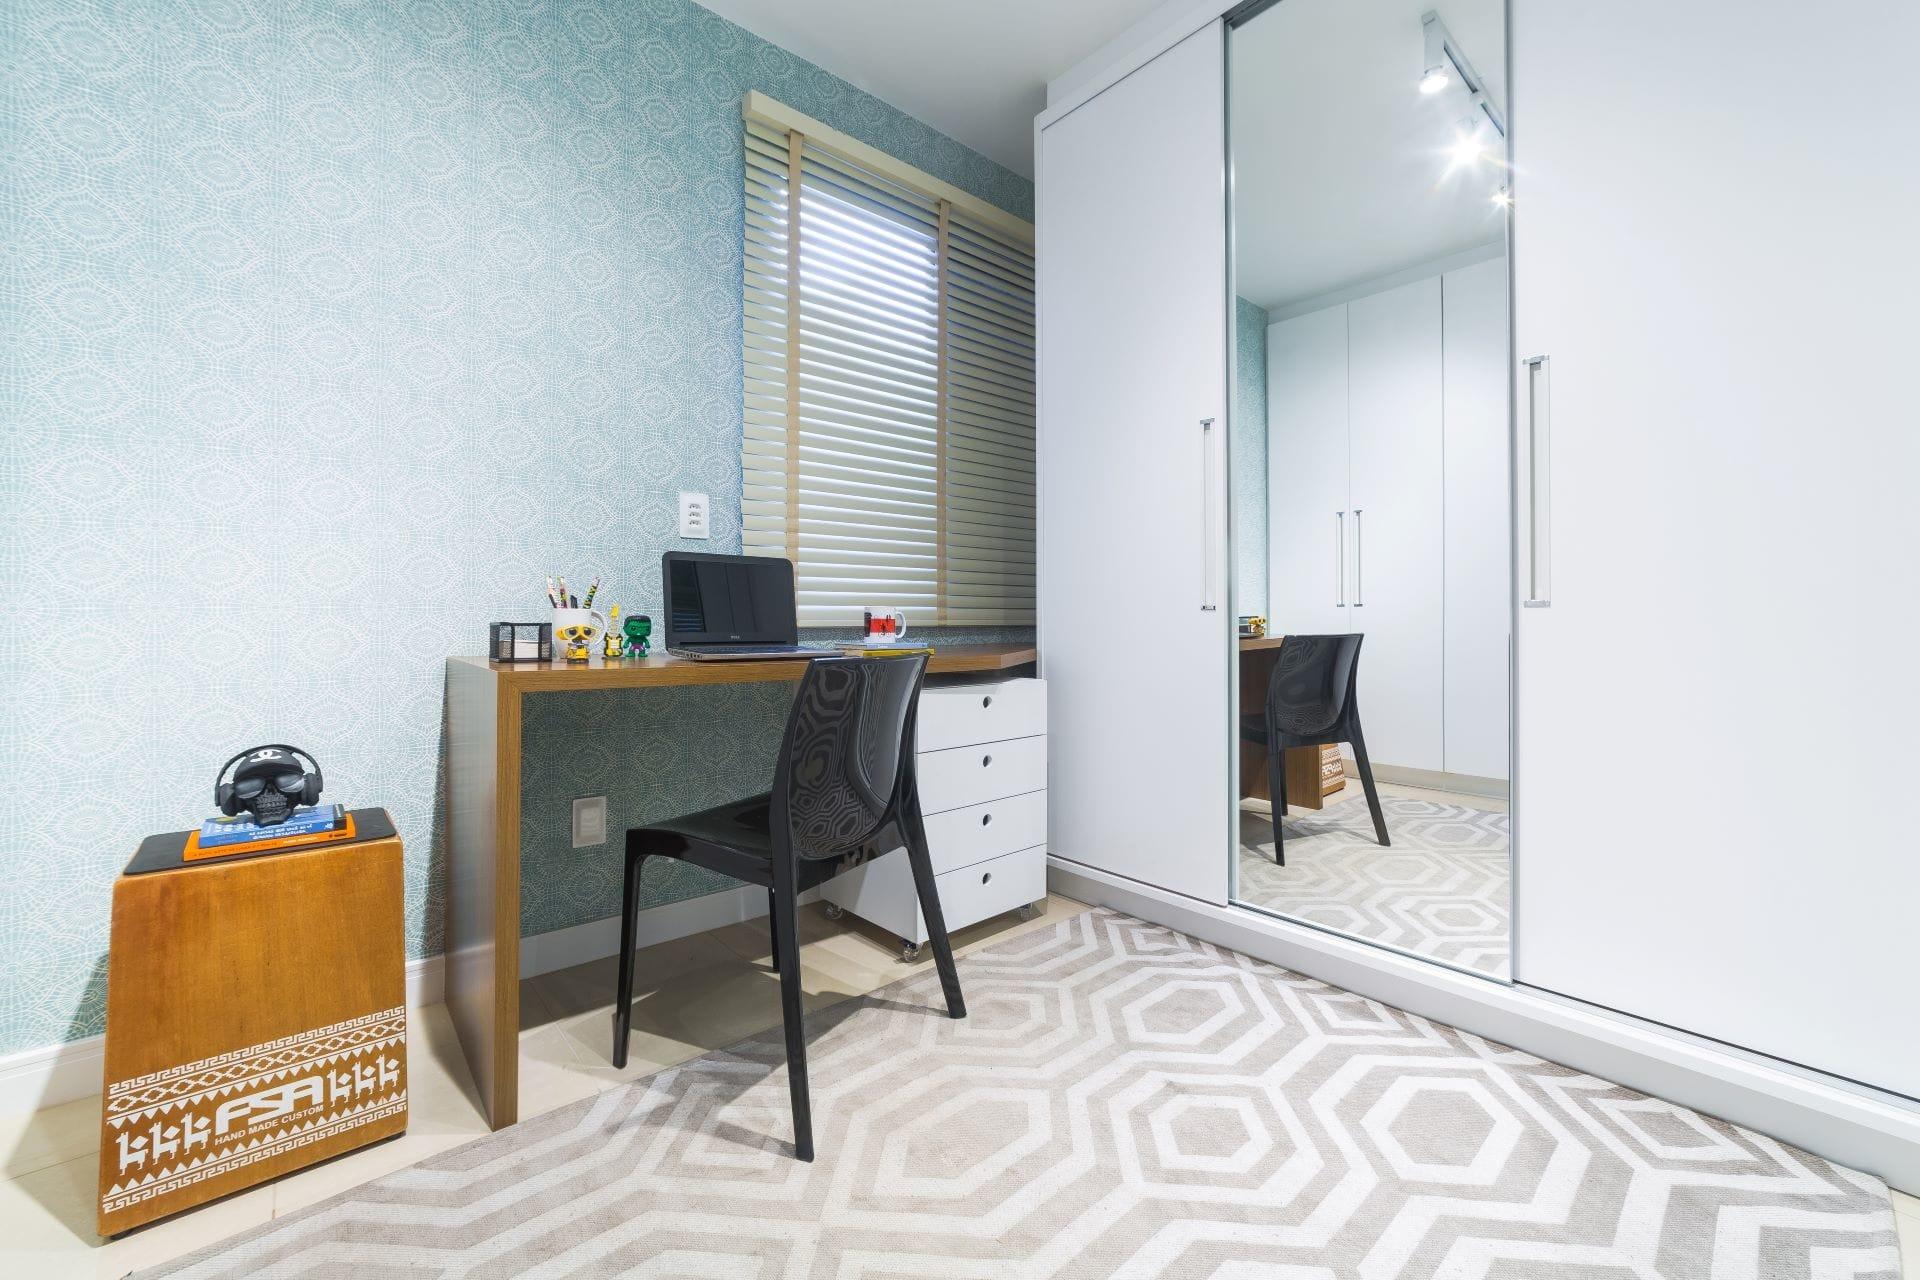 O tecido de parede traz textura e aconchego para o ambiente, além de ser muito simples de aplicar. Projeto: Arquiteca Projetos. Foto: Renato Mafra.